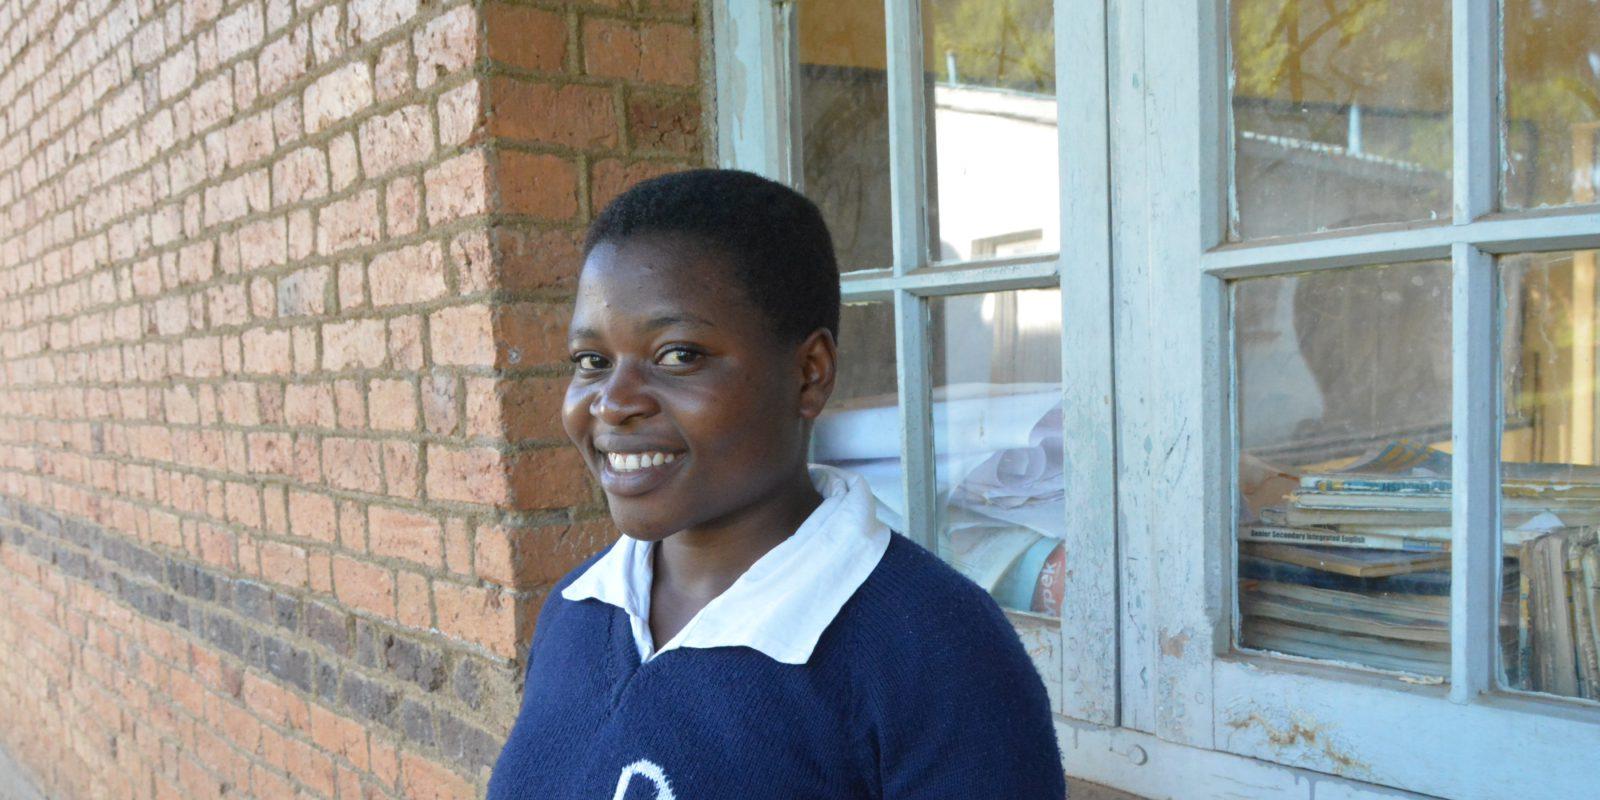 Faraja is a recipient of the Naweza scholarship.